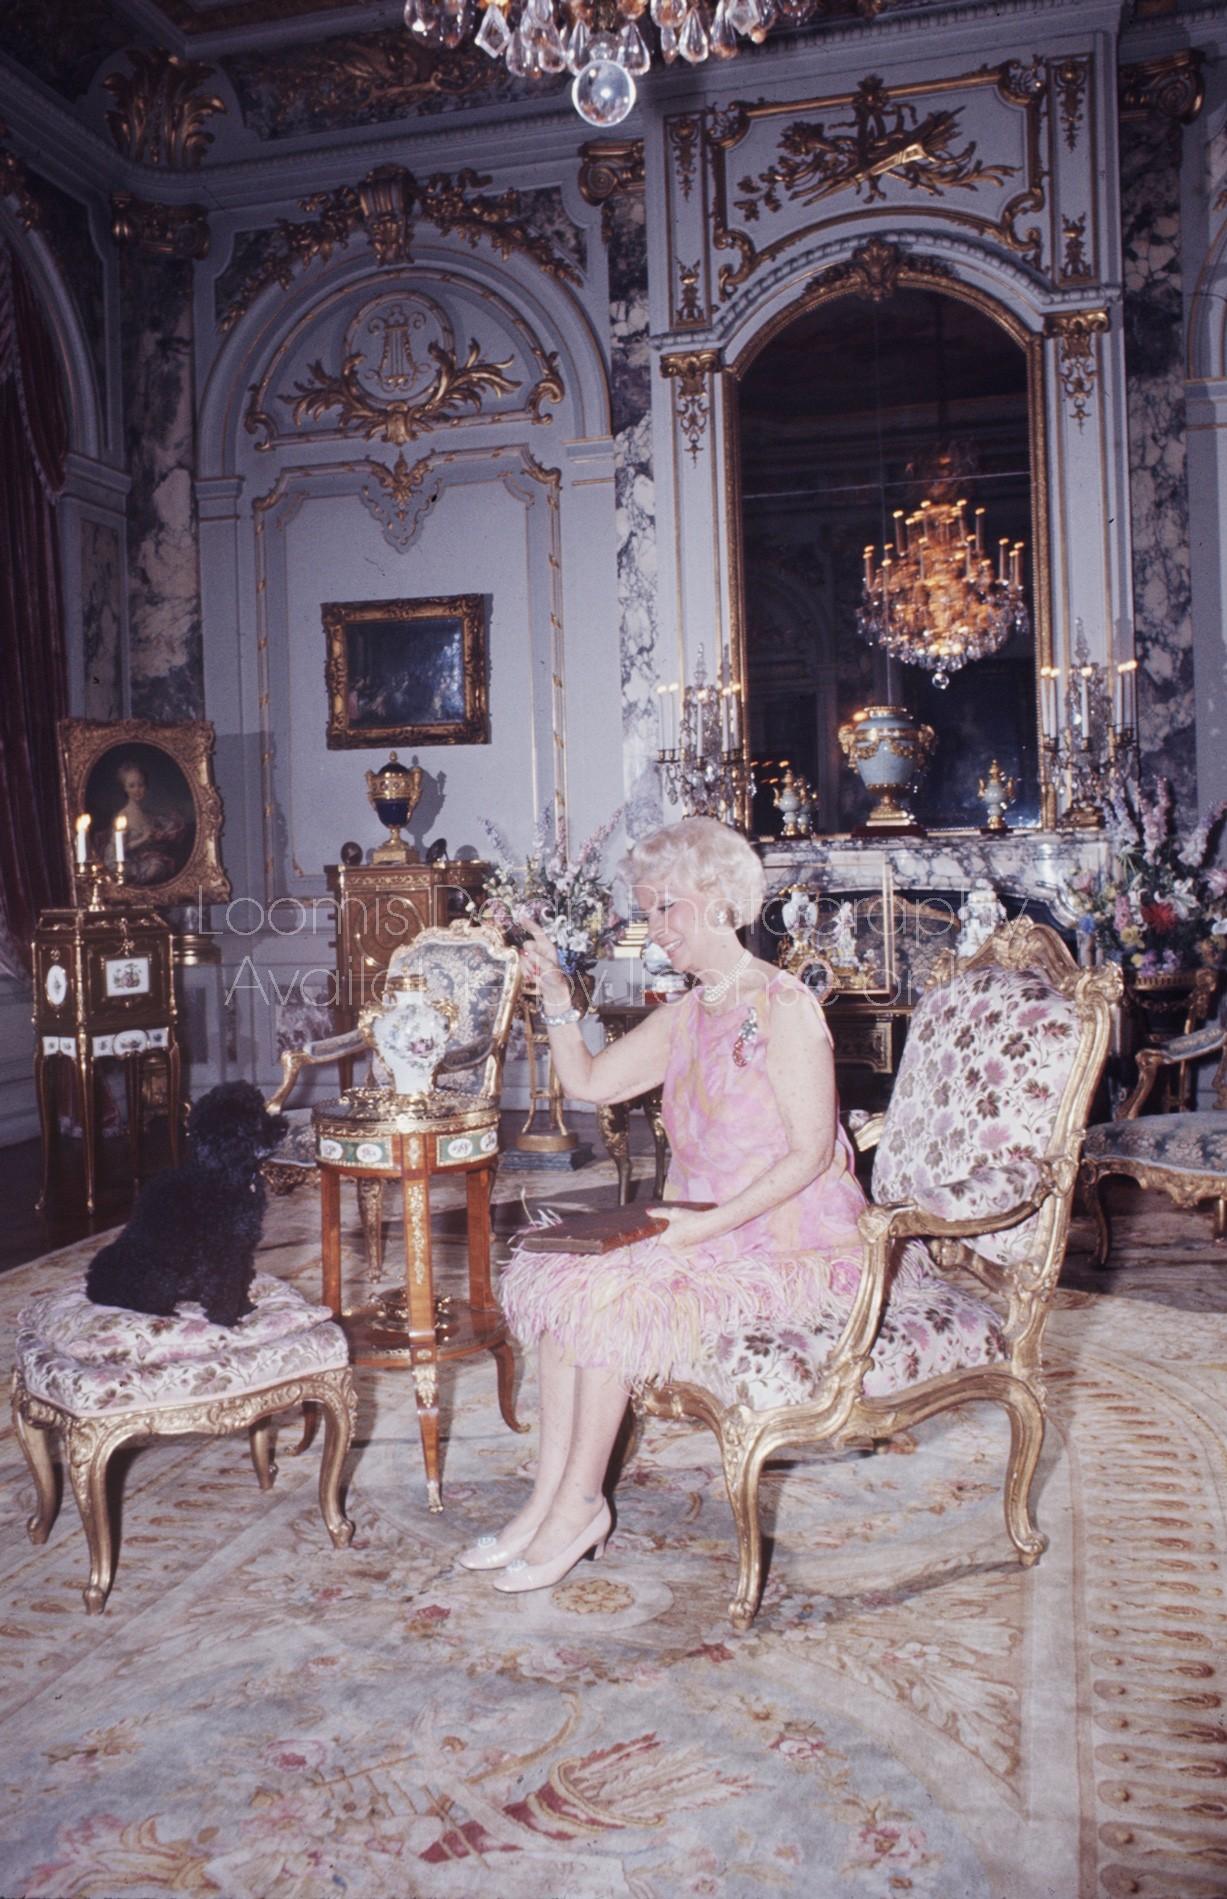 The Paris Folies Bergere Centennial Show